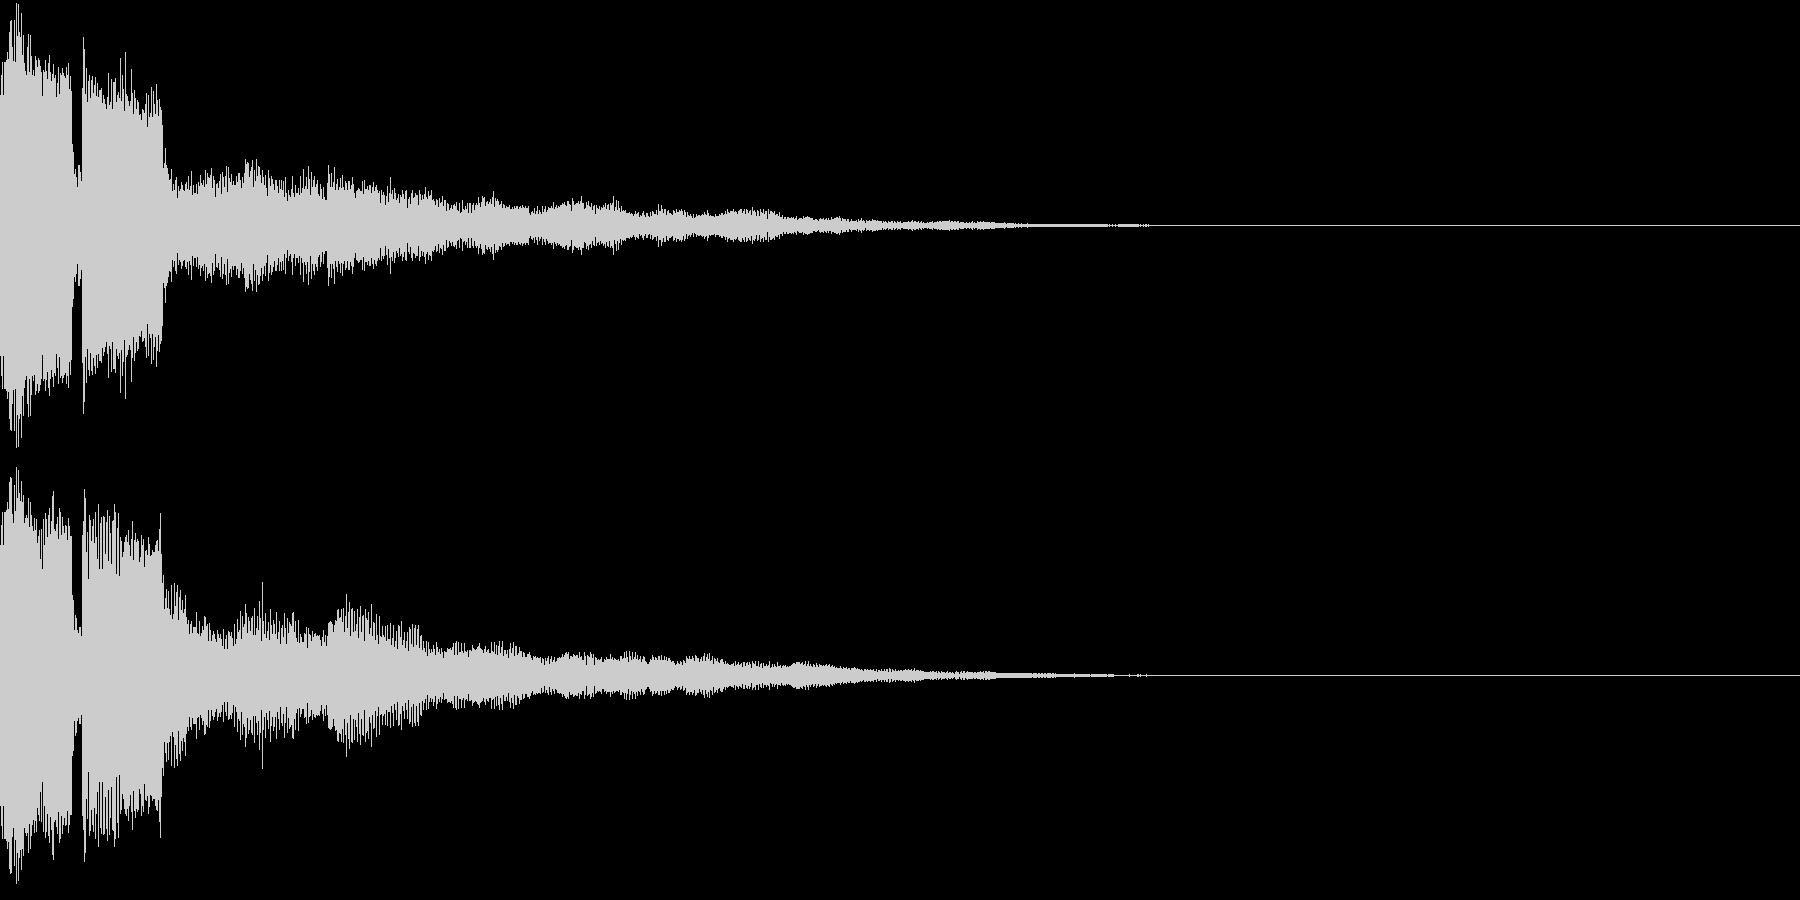 ピコン ピコ チャリン 開くの未再生の波形